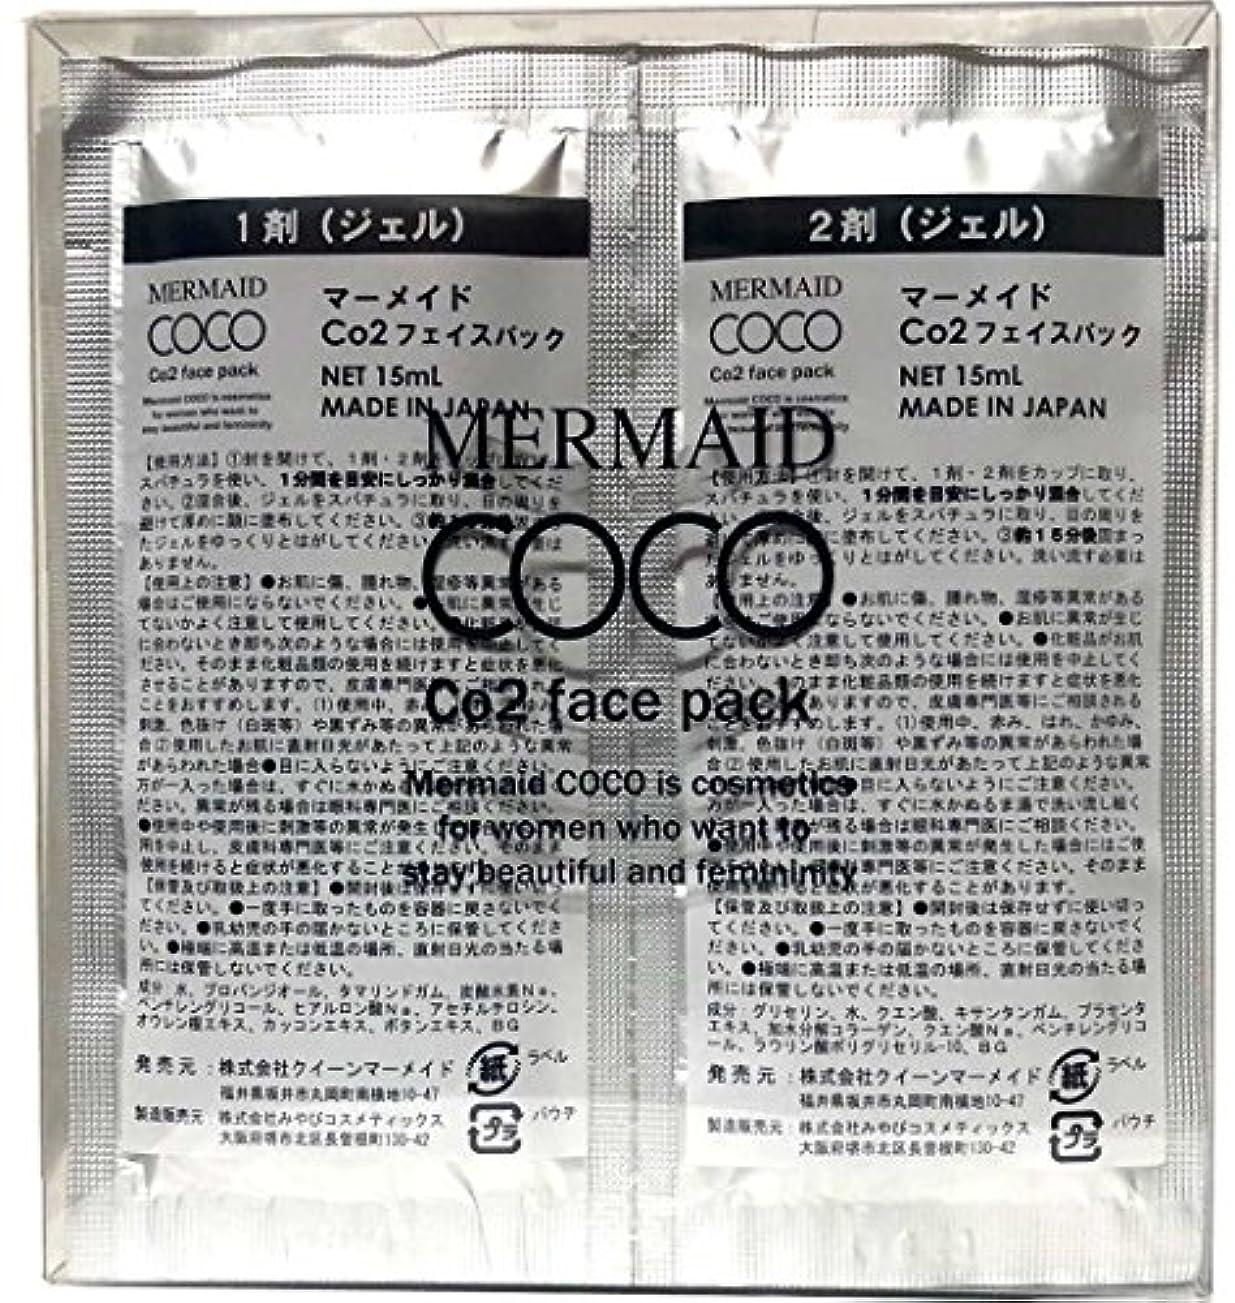 公然と腐食する実質的にマーメイド ココ  MERMAID COCO Co2 フェイスパック 10回分